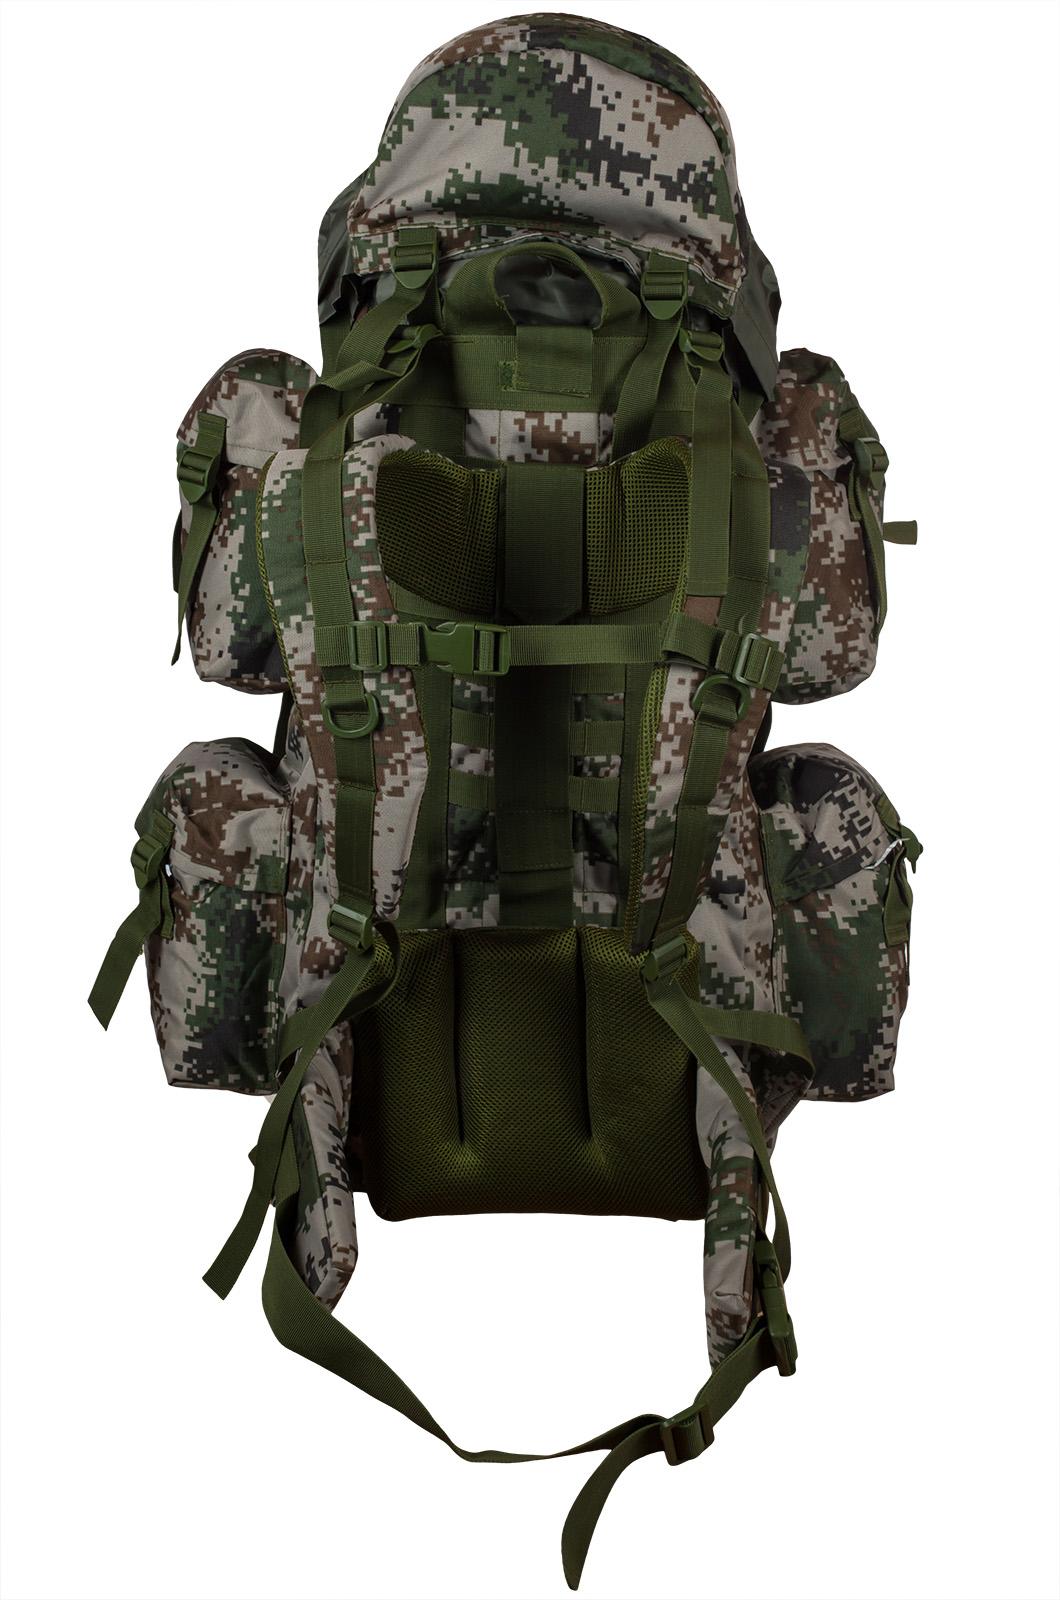 Эргономичный вместительный рюкзак с нашивкой Охотничий Спецназ - заказать в розницу